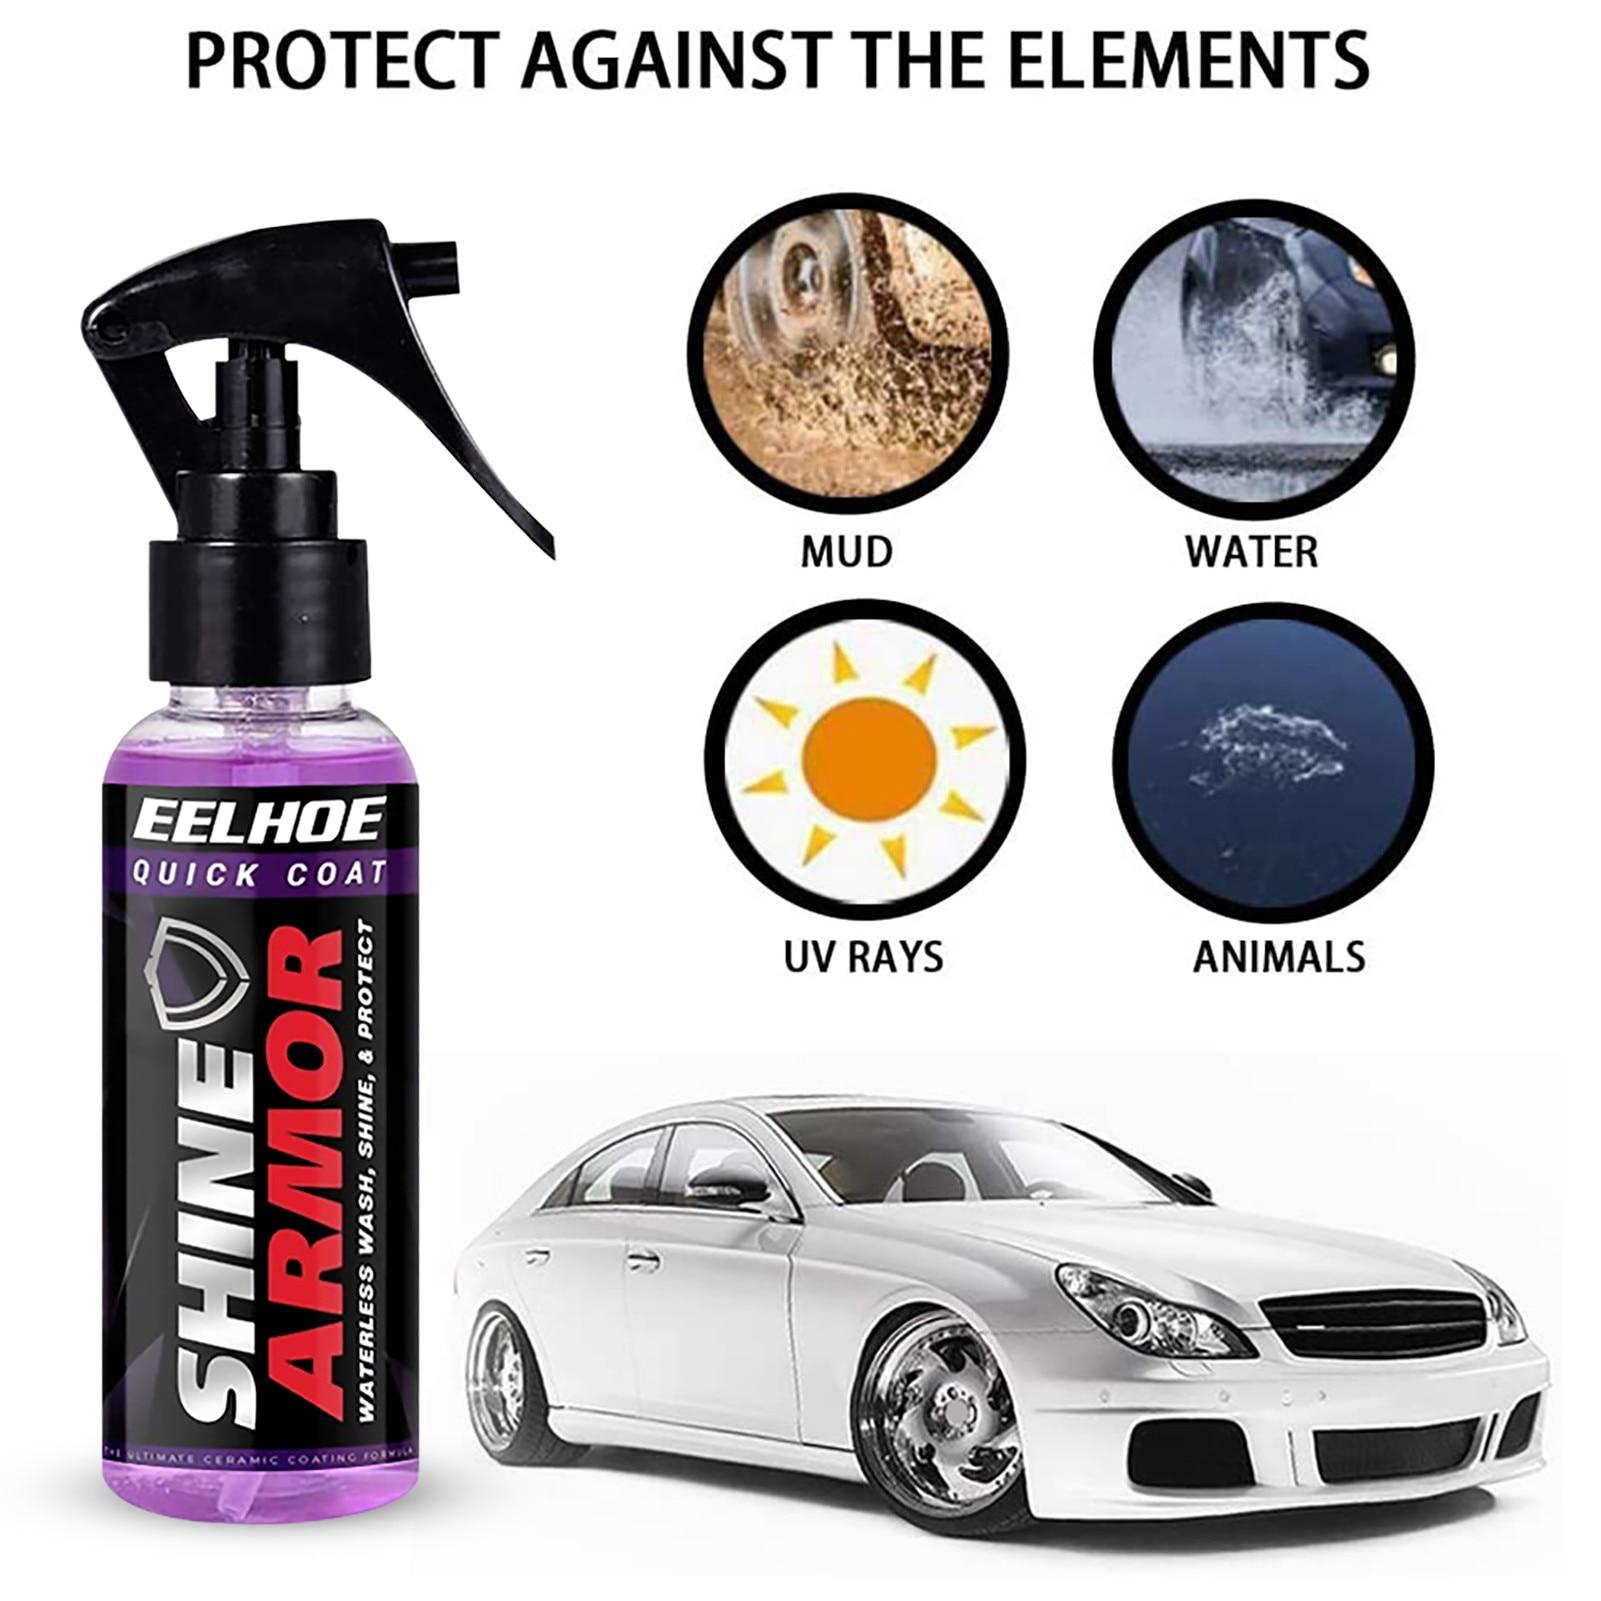 100 мл автомобиля покрытие брызга Керамика покрытие для машины, супергидрофобное покрытие для стекол Стекло, стекольное покрытие автомобиля...